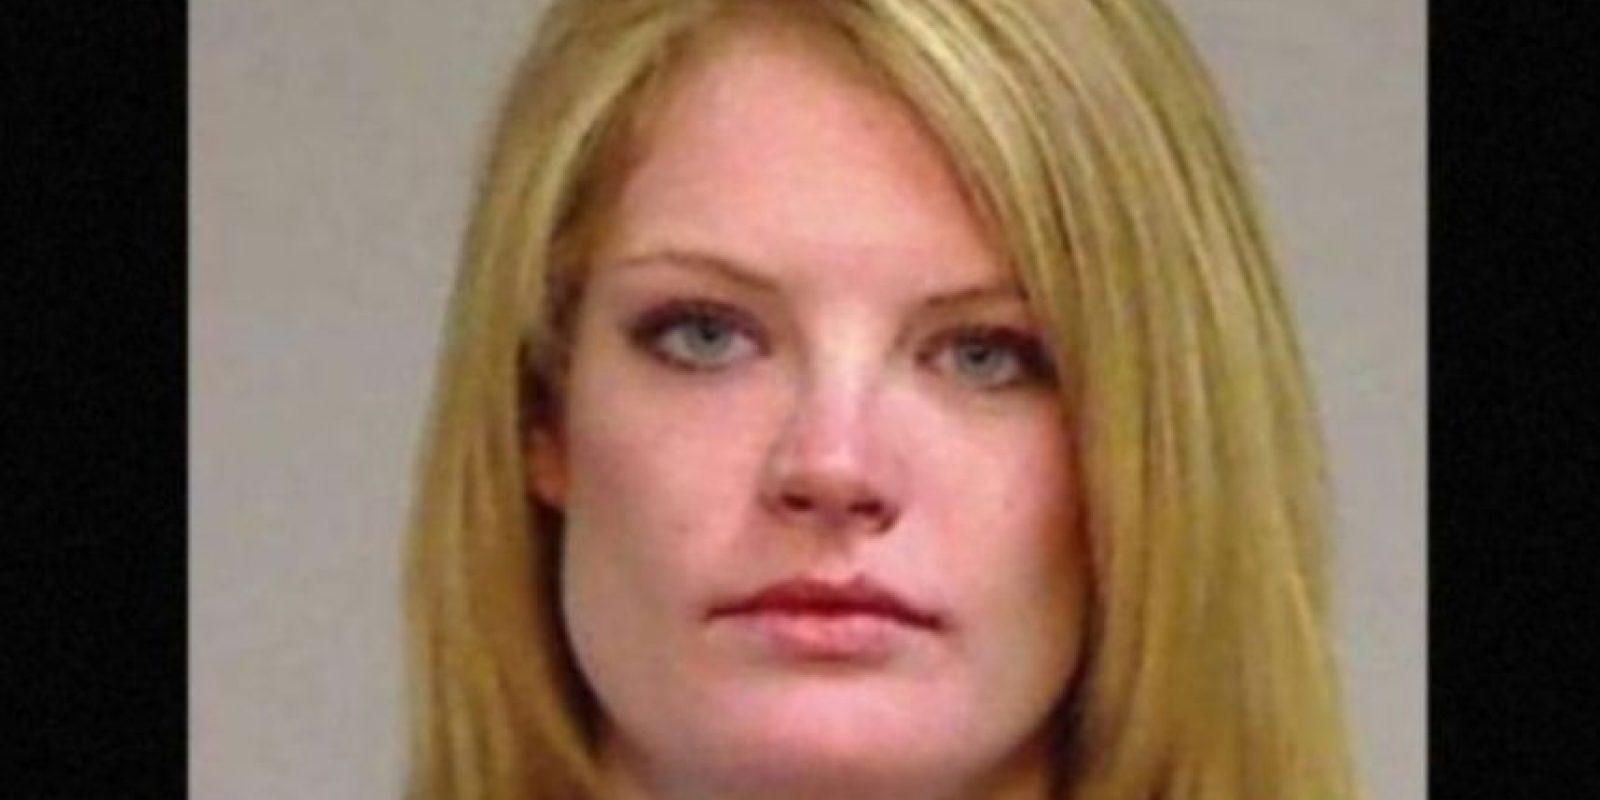 Lauren Redfern fue arrestada después de que la descubrieran teniendo relaciones sexuales con un alumno de 17 años de edad, en el baño de las maestras. Foto:Eagle County Sheriff's Office. Imagen Por: